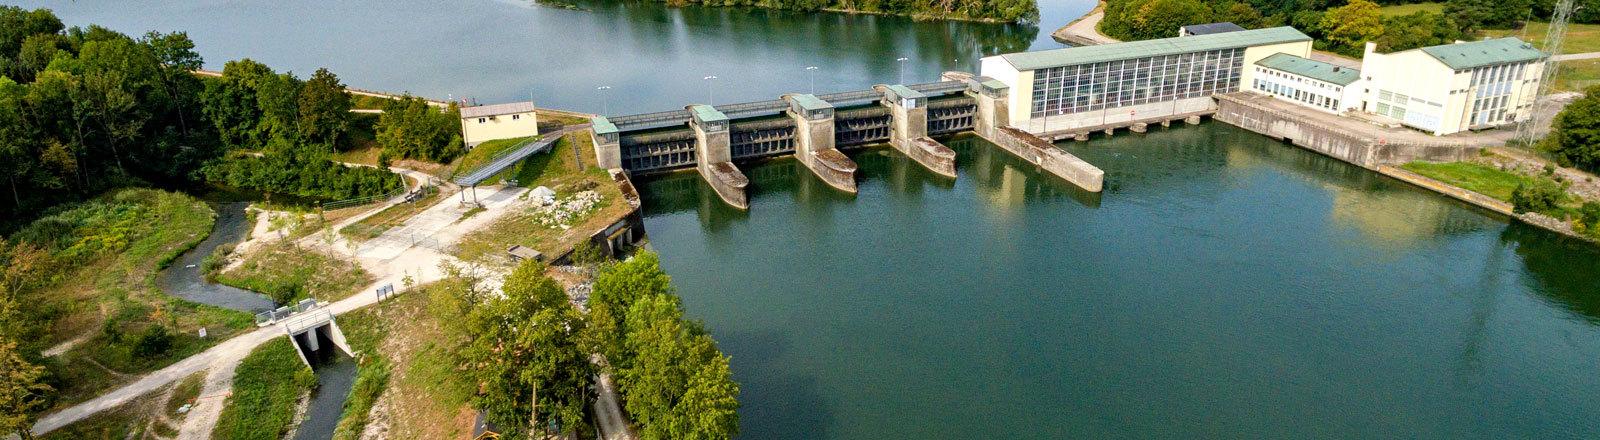 Ein Fluss und ein Wasserkraftwerk